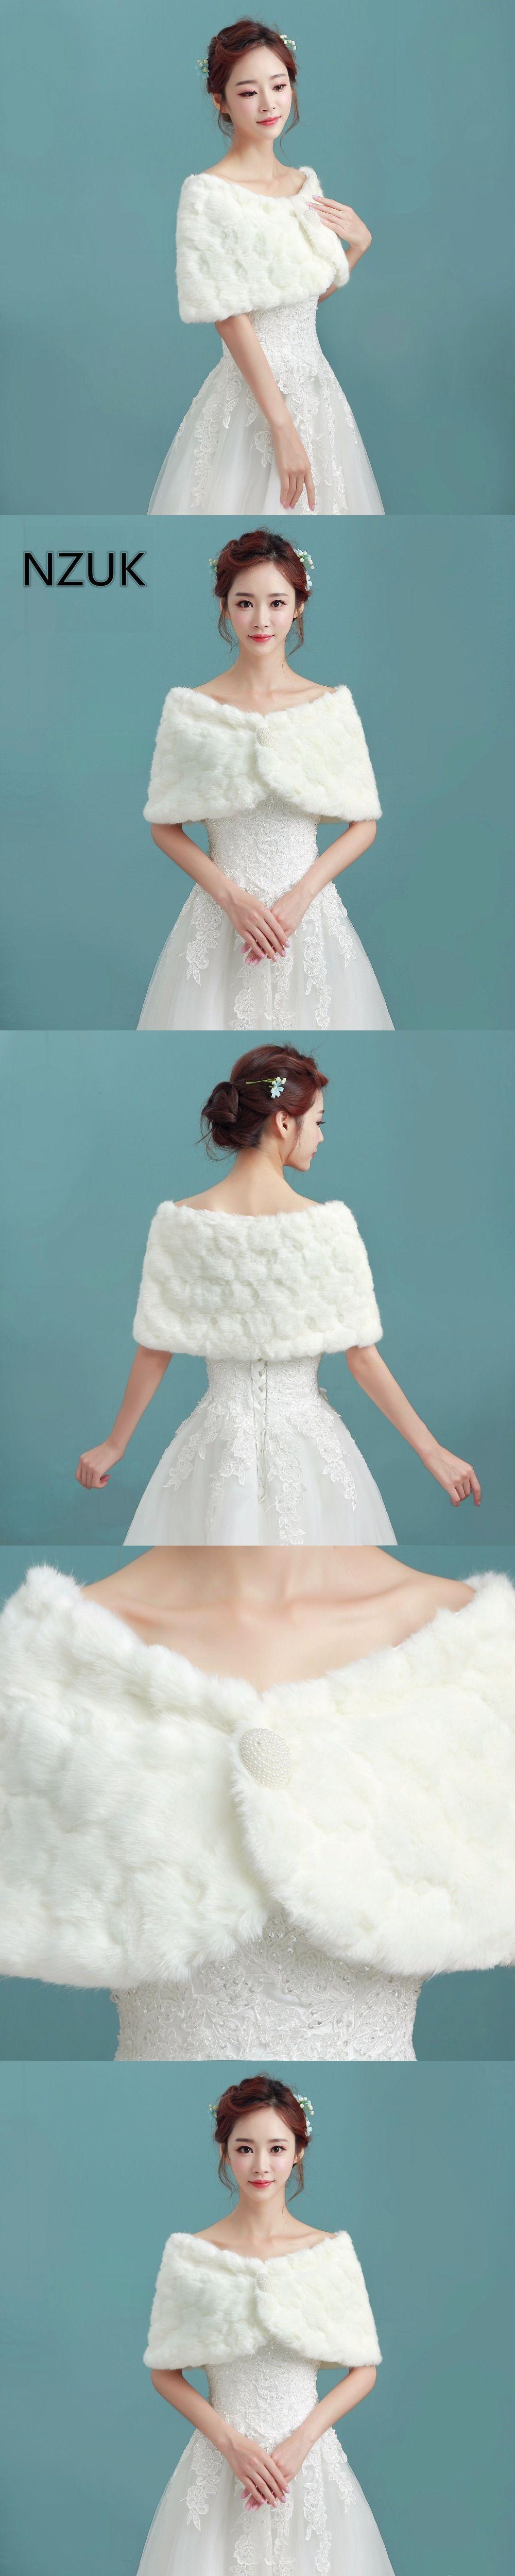 Contemporary Shrug For Wedding Dress Festooning - All Wedding ...